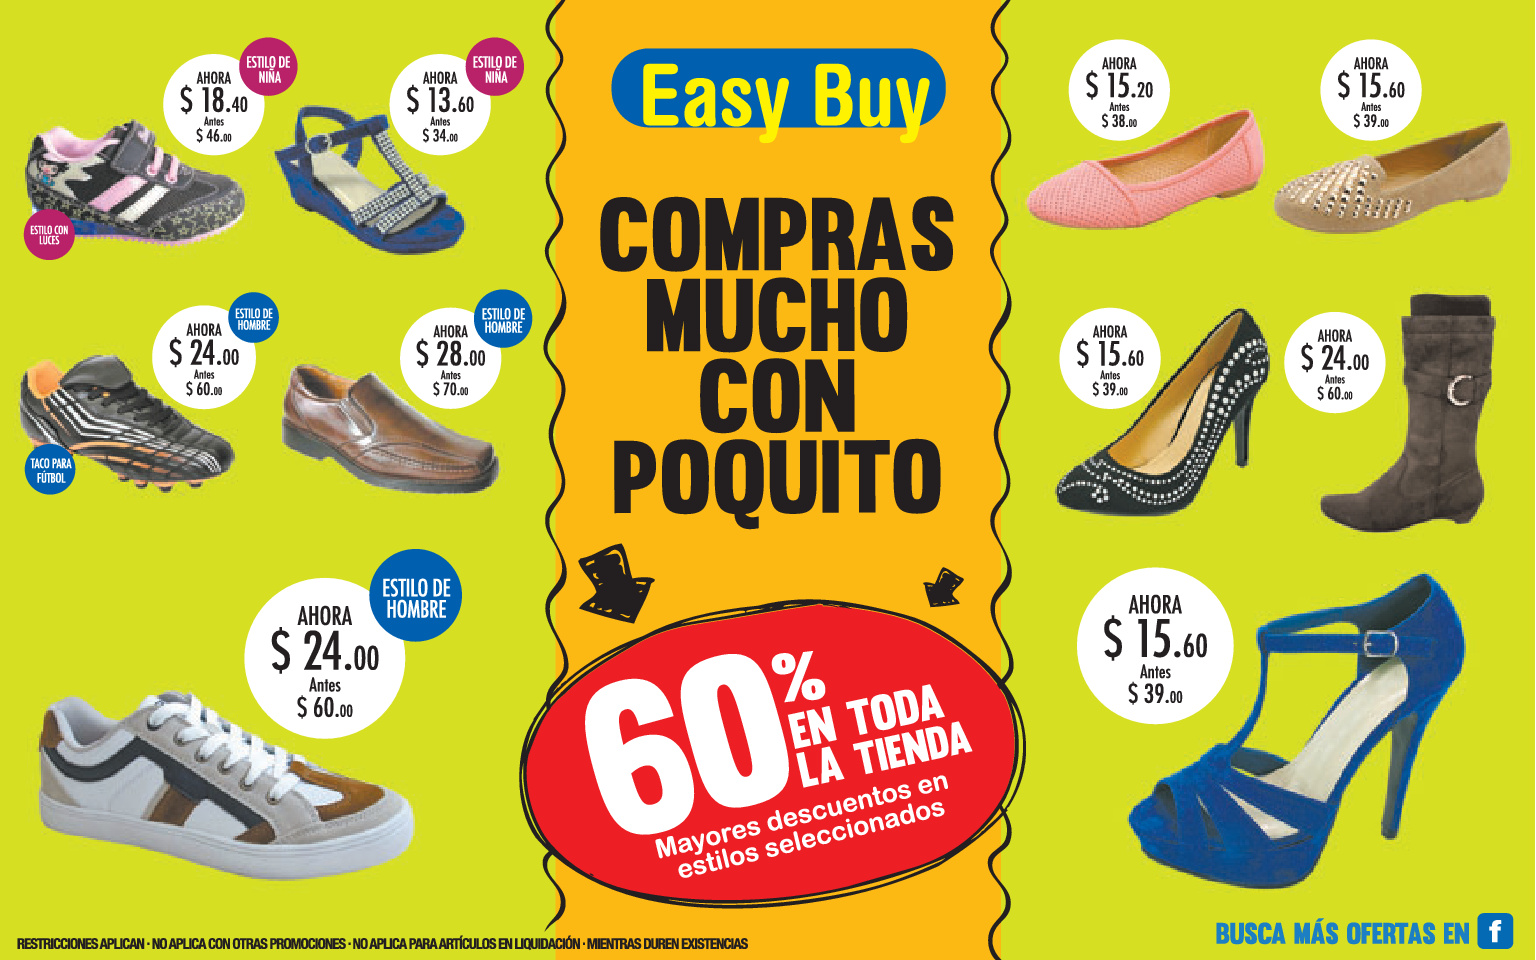 Easy Rosario es una de las sucursales Easy más importantes de Argentina. Una empresa pionera en artículos para la construcción. Luego siguió reciendo en productos para jardín y hogar ofrece el catálogo para esta sucursal.